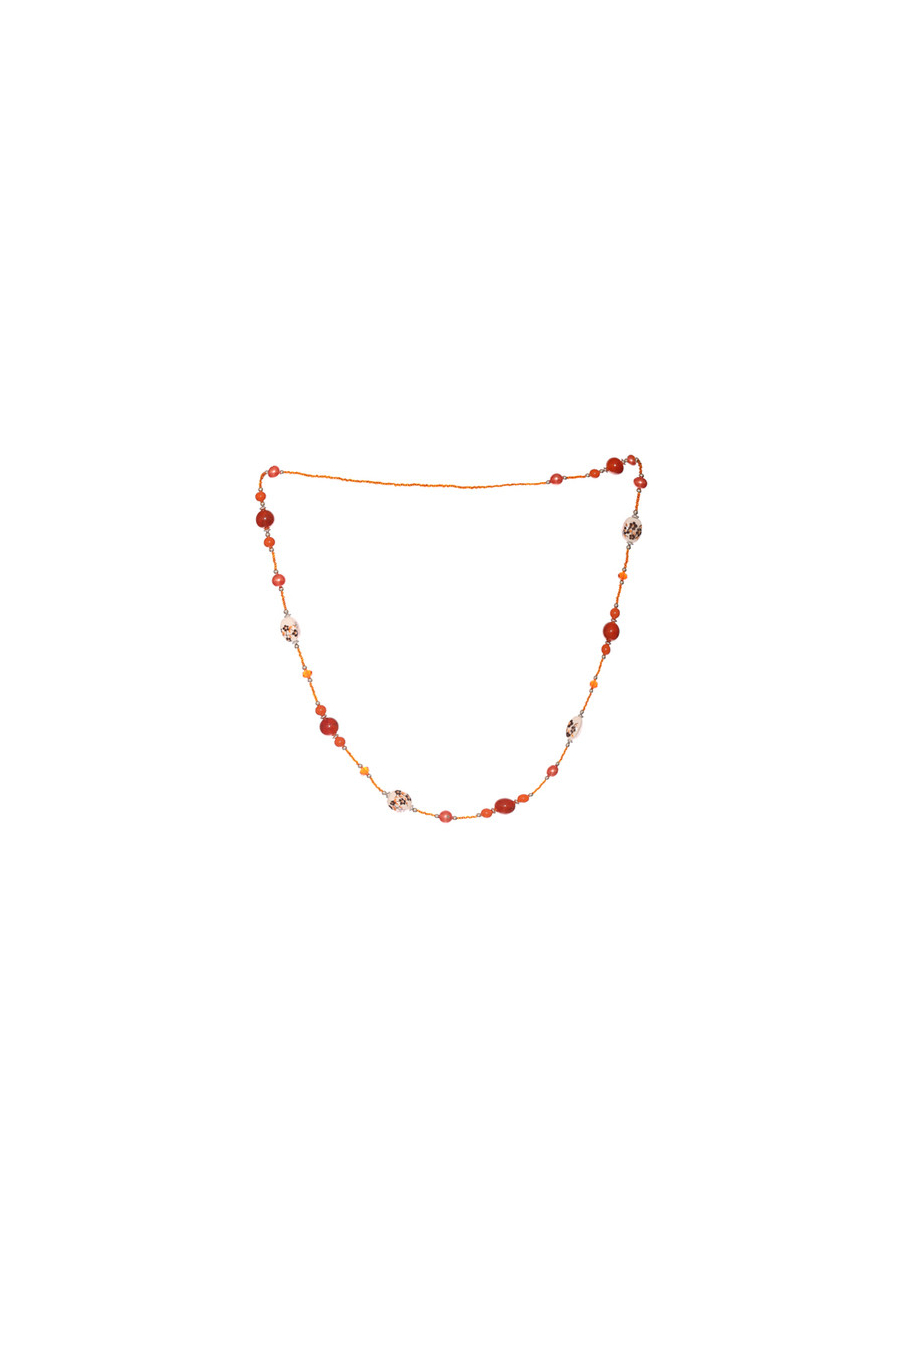 Collier brique pour femme avec perles et motifs en fleurs. Accessoires fashion